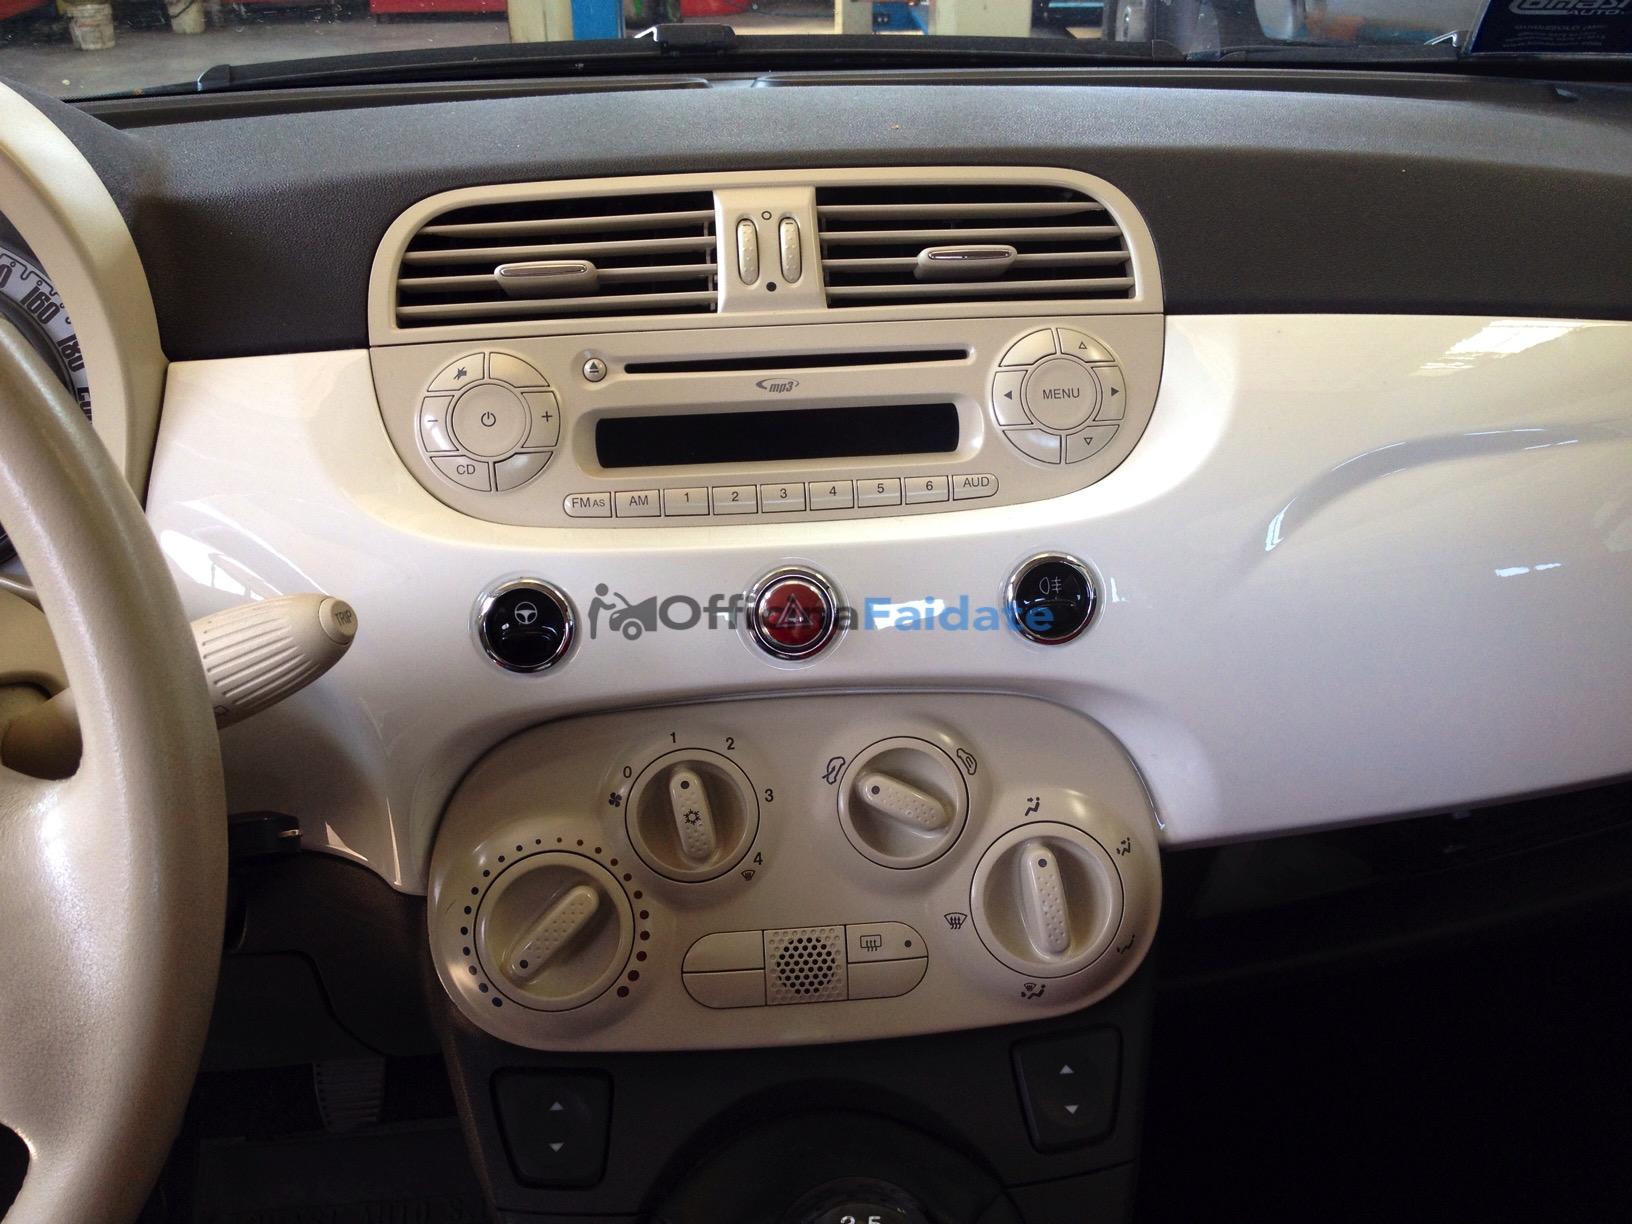 Sostituzione Lampadine Cruscotto Fiat Fiorino: Hornet cambio colore strumentazione digitale.